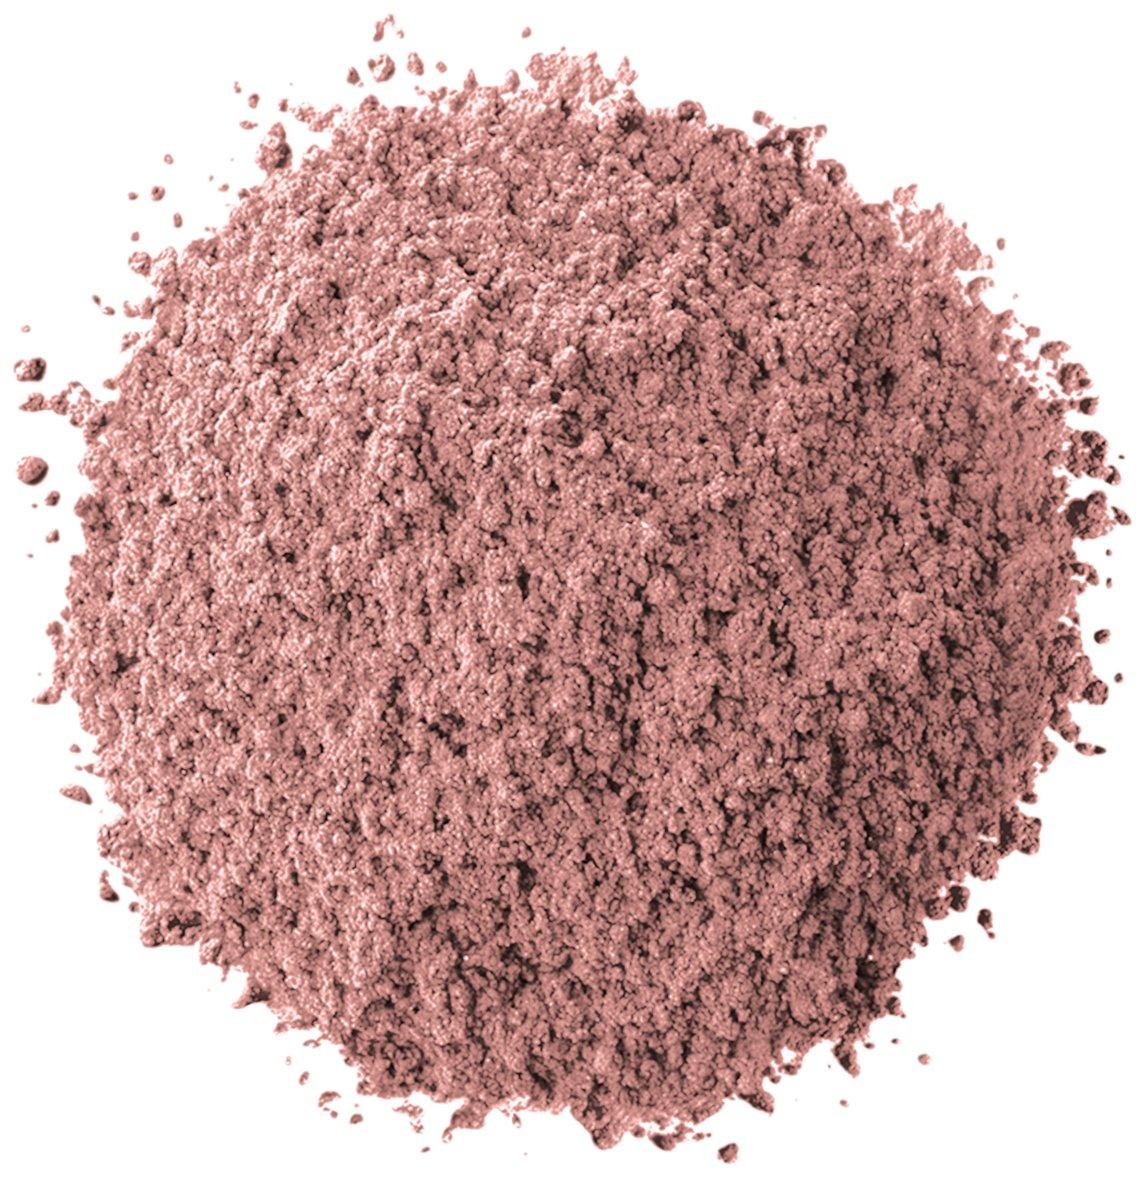 L'Oréal Paris Makeup True Match Loose Powder Natural Mineral Blush, Soft Rose, 0.15 oz. by L'Oreal Paris (Image #3)